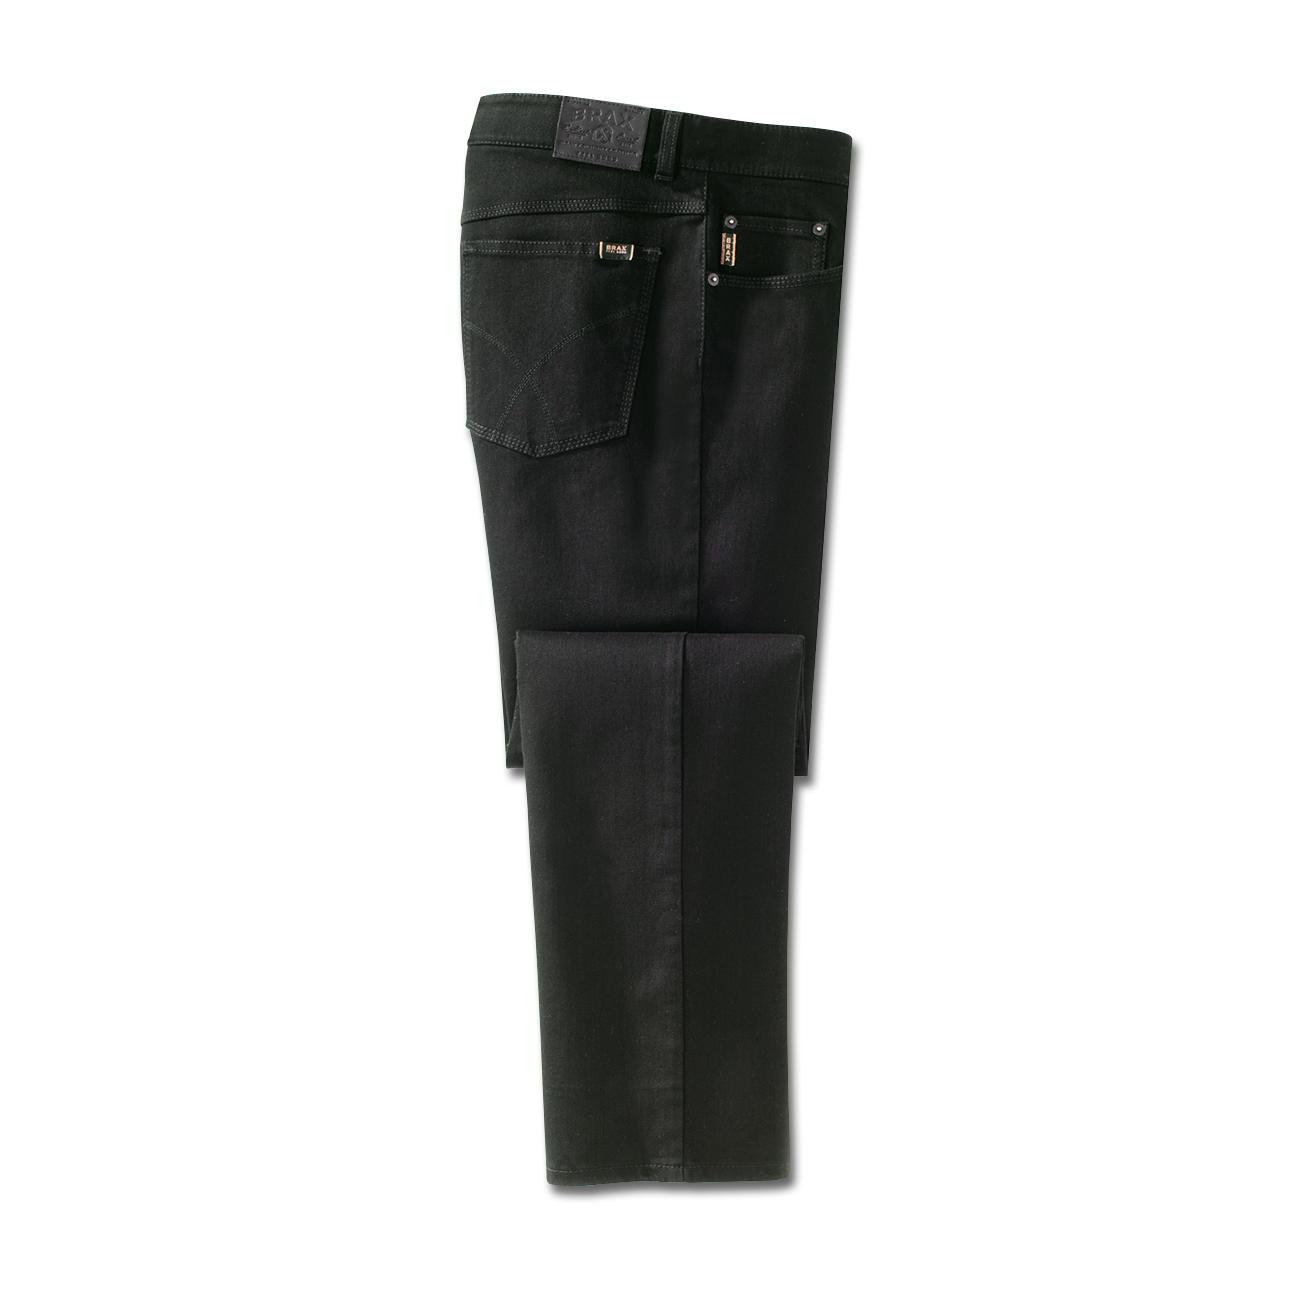 heißer Verkauf online Sonderangebot Veröffentlichungsdatum: Brax Perma-Black Jeans | Discover fashion classics